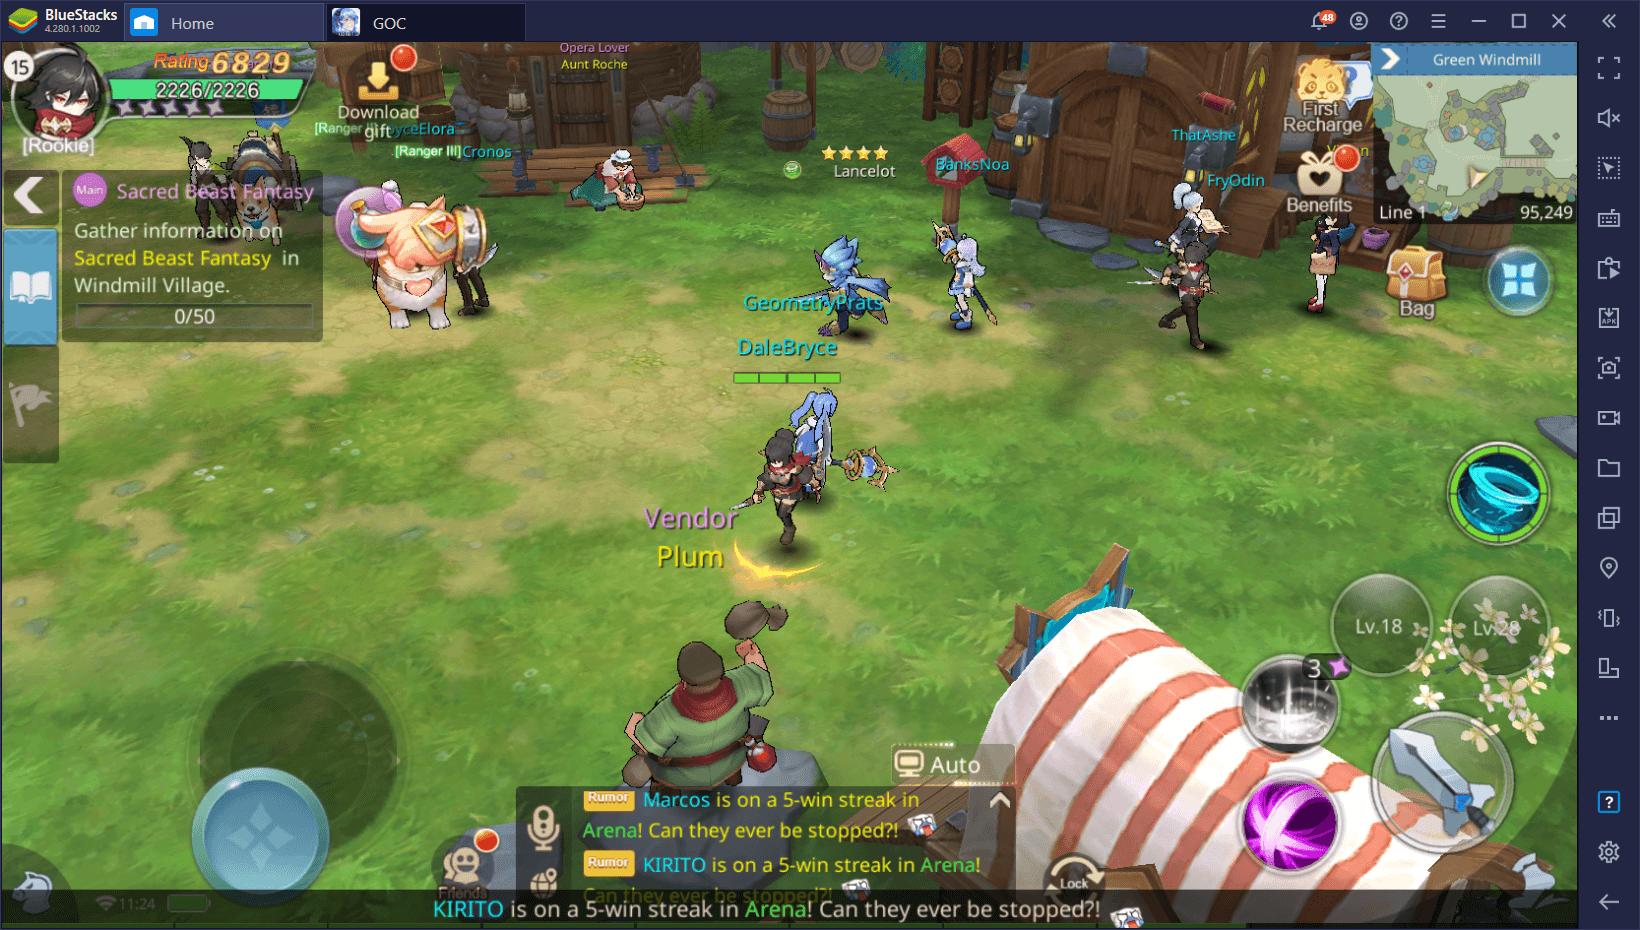 Преимущества эмулятора BlueStacks для игры Guardians of Cloudia